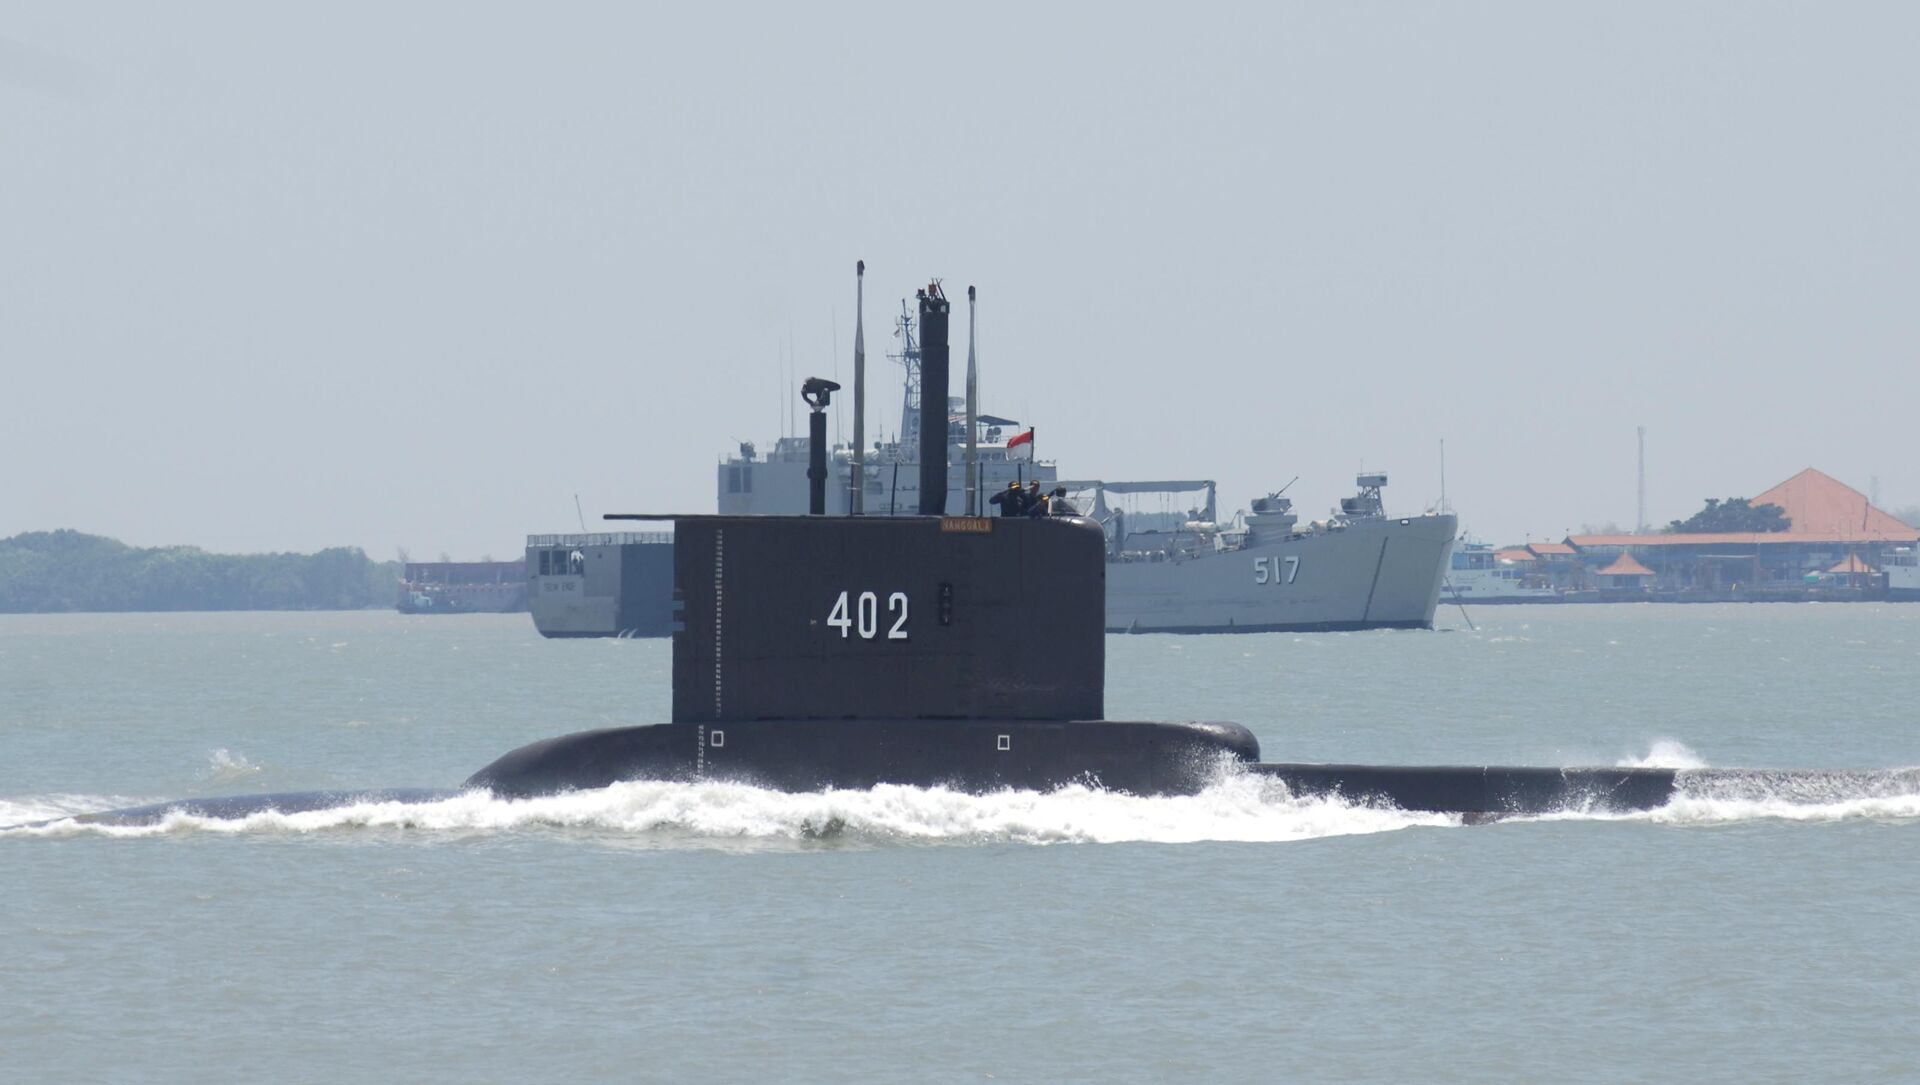 Okręt podwodny indonezyjskiej marynarki wojennej KRI Nanggala 402. - Sputnik Polska, 1920, 25.04.2021